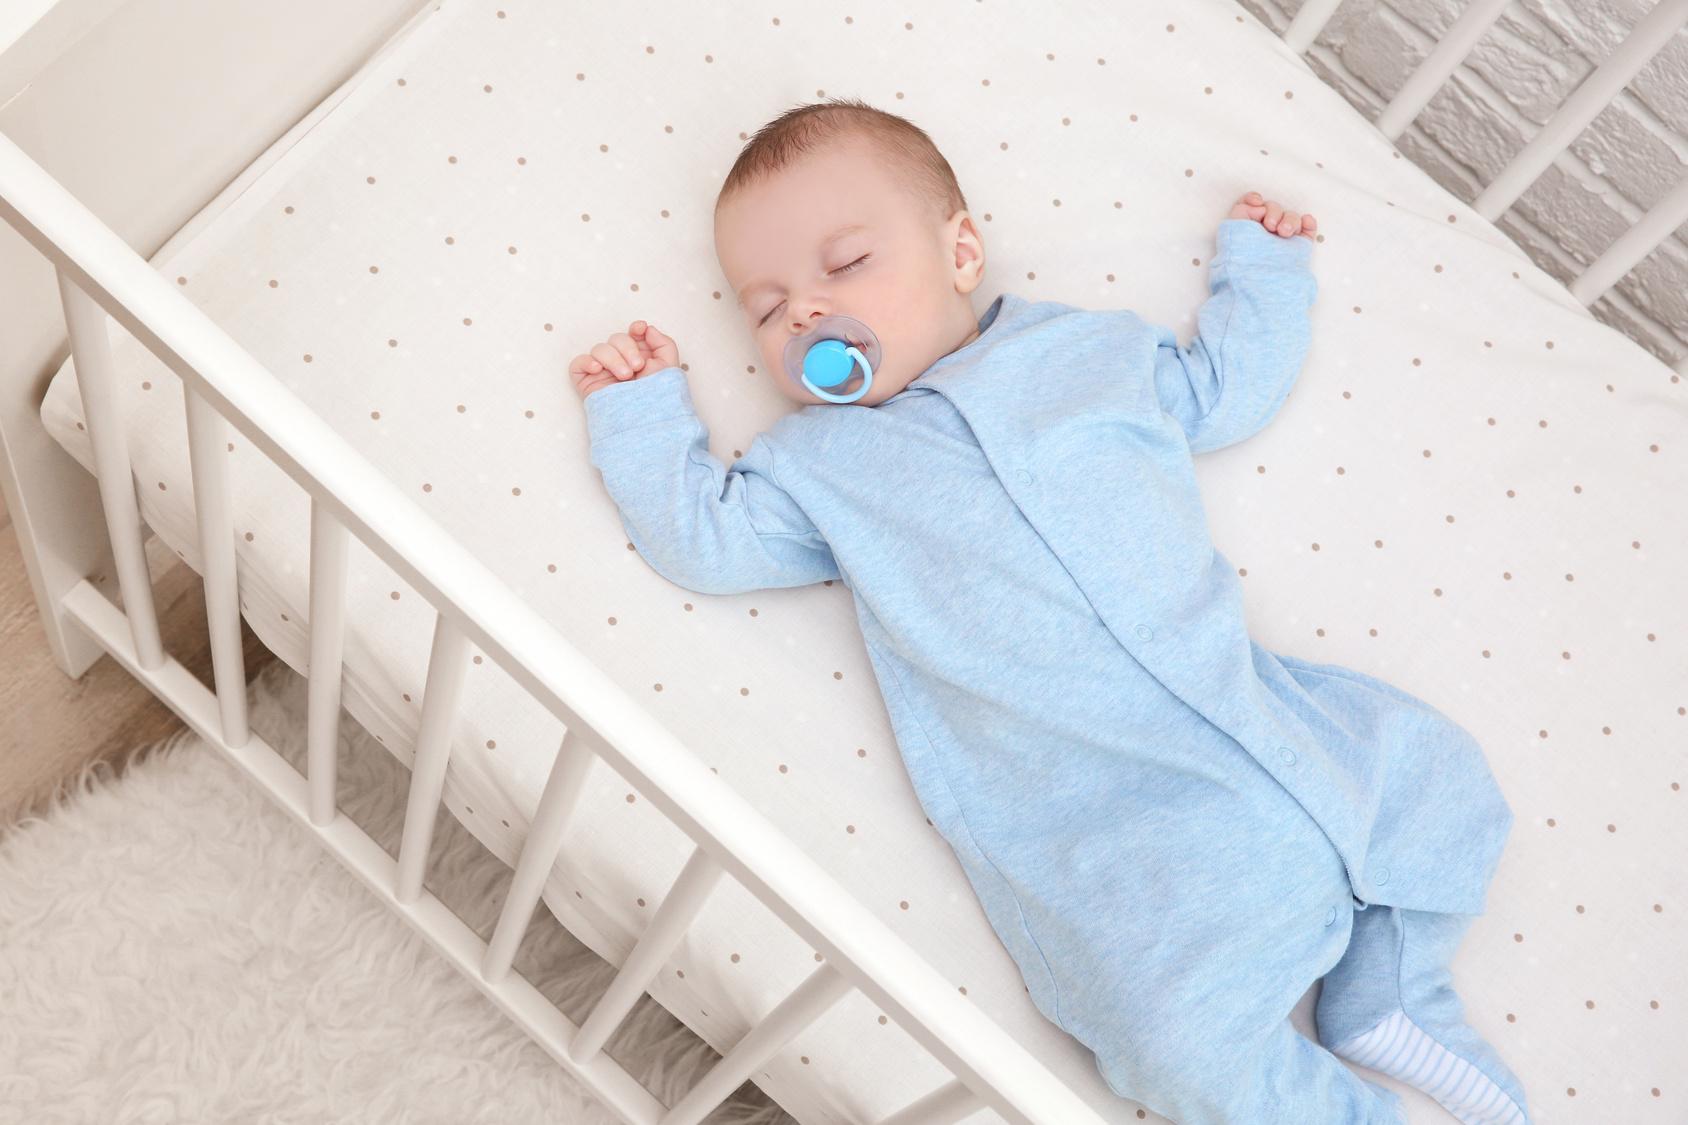 Achtung Lebensgefahr Primark ruft Hemden für Babys und Kinder zurück!